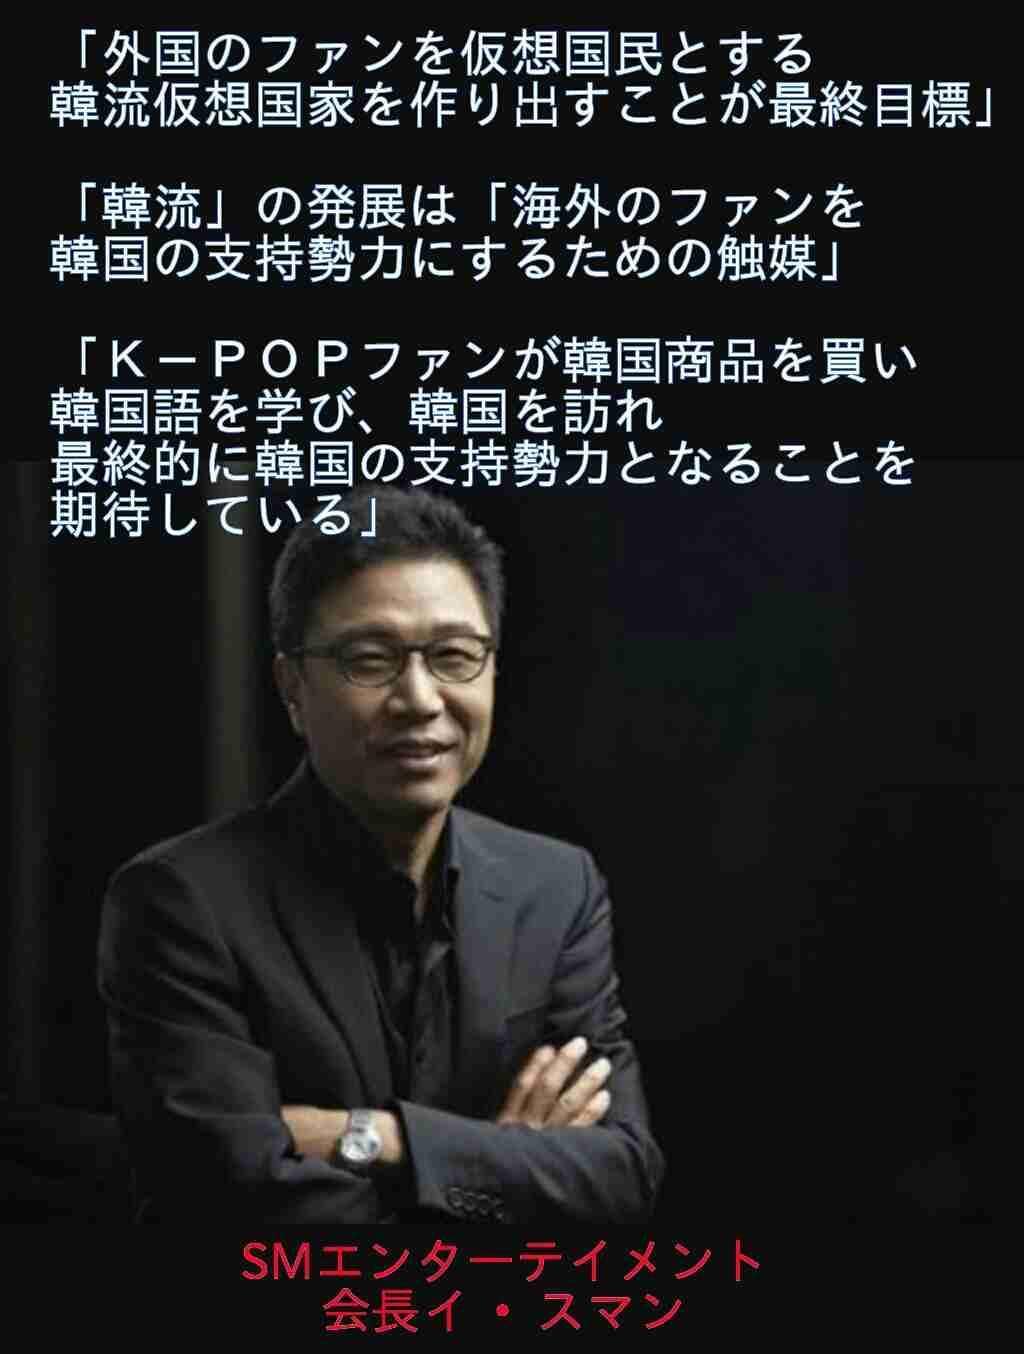 ひっそりK-POPを語るトピ  Part2